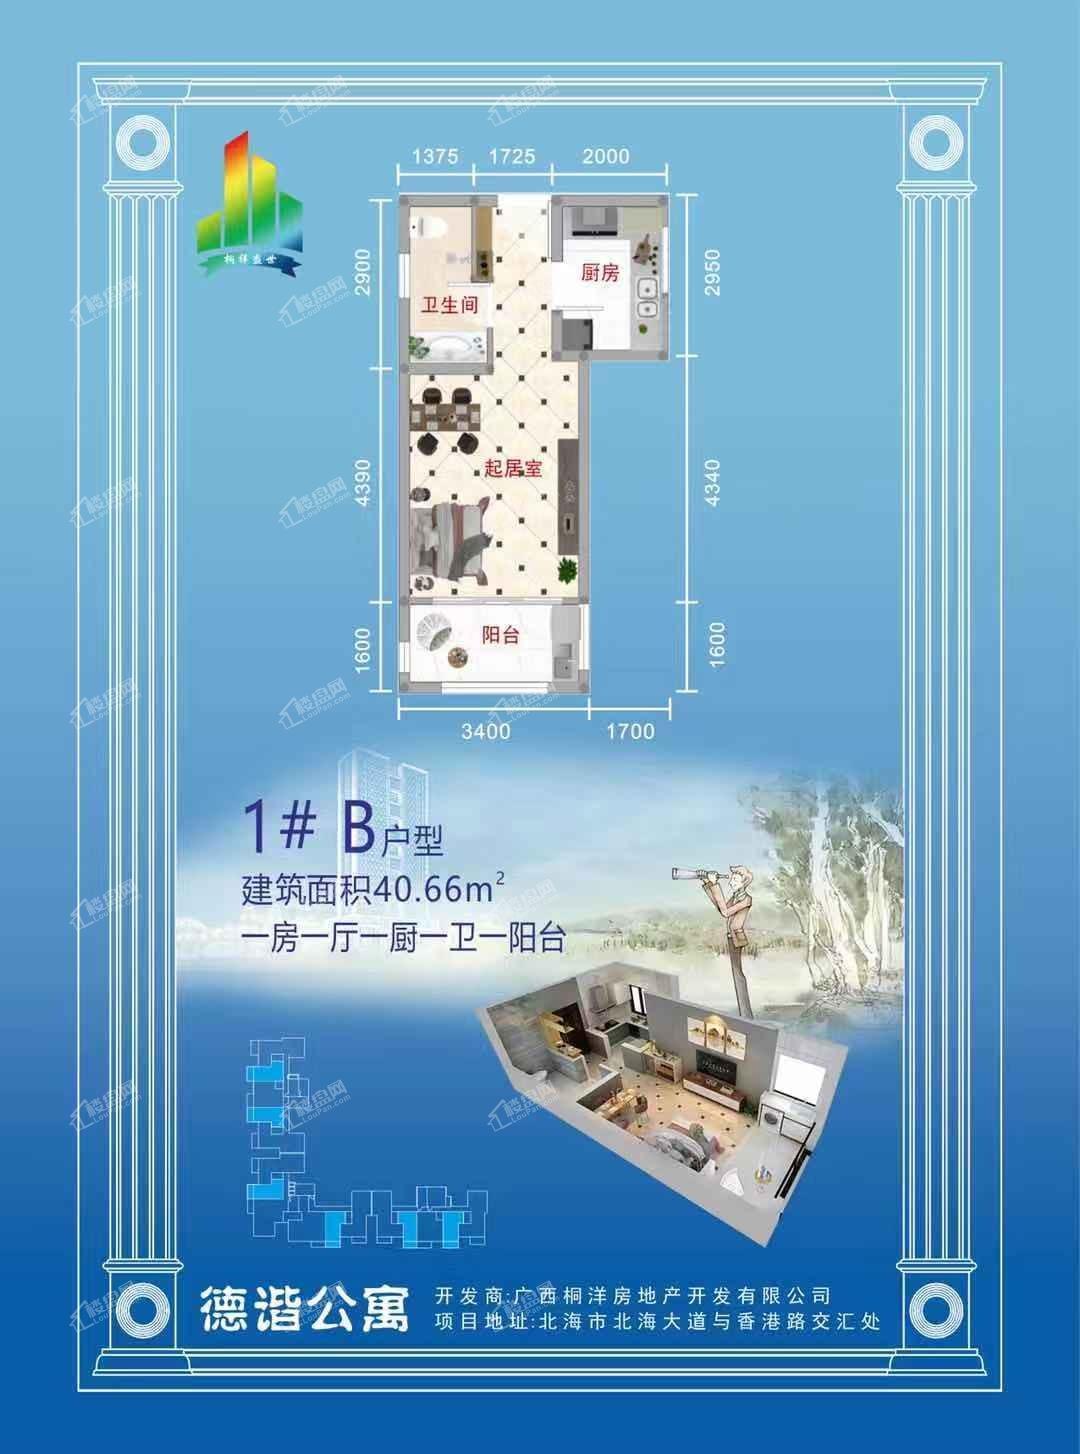 德谐公寓1#B户型40.66㎡